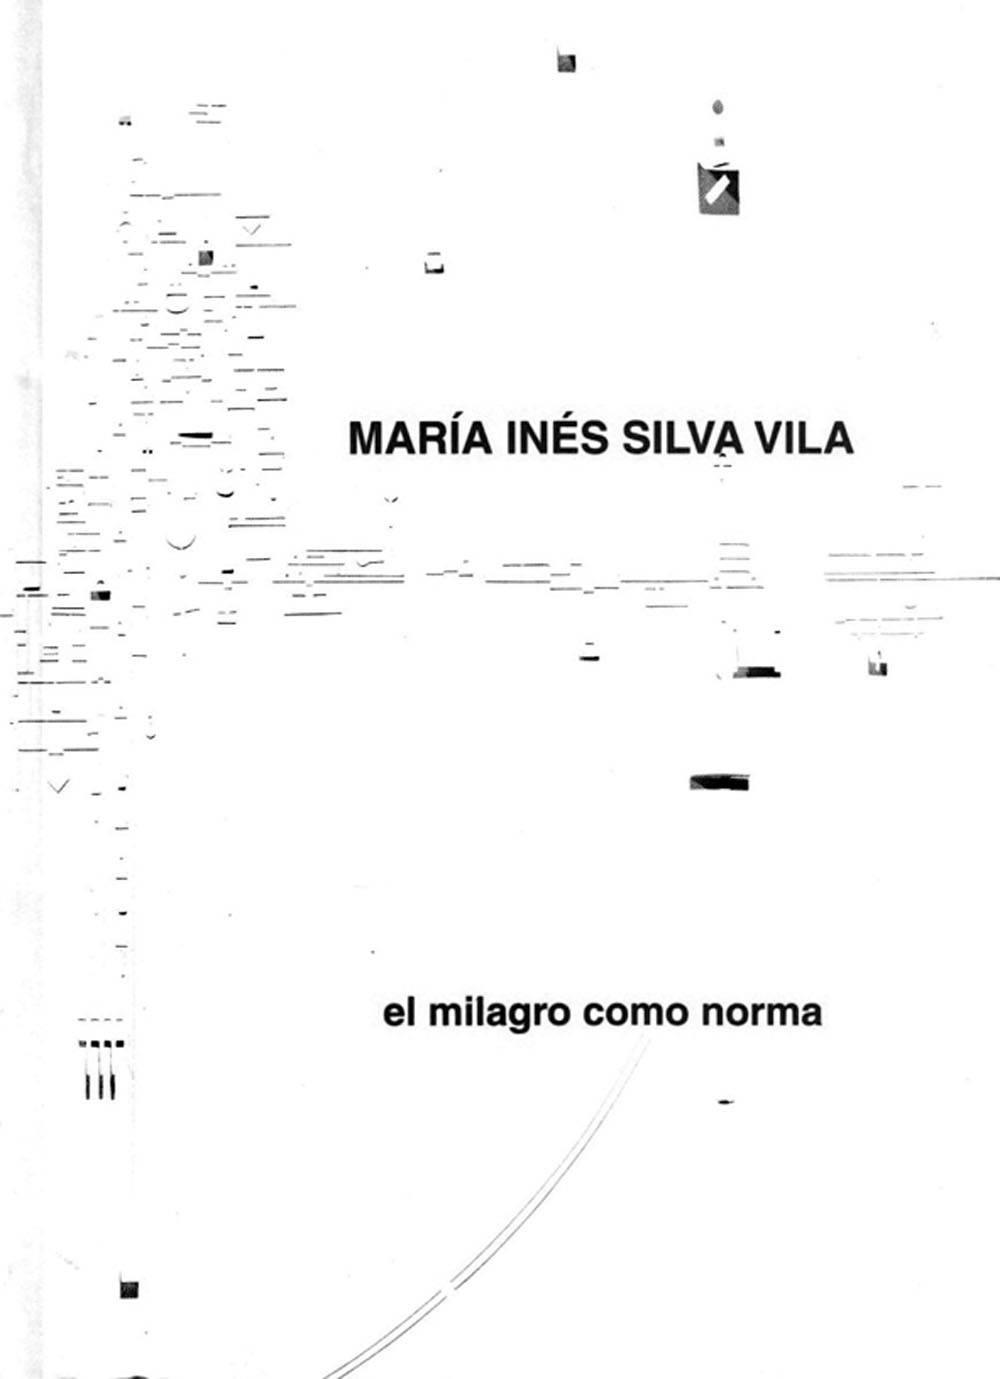 el-milagro-como-norma-maria-ines-silva-vila_1200w.jpg